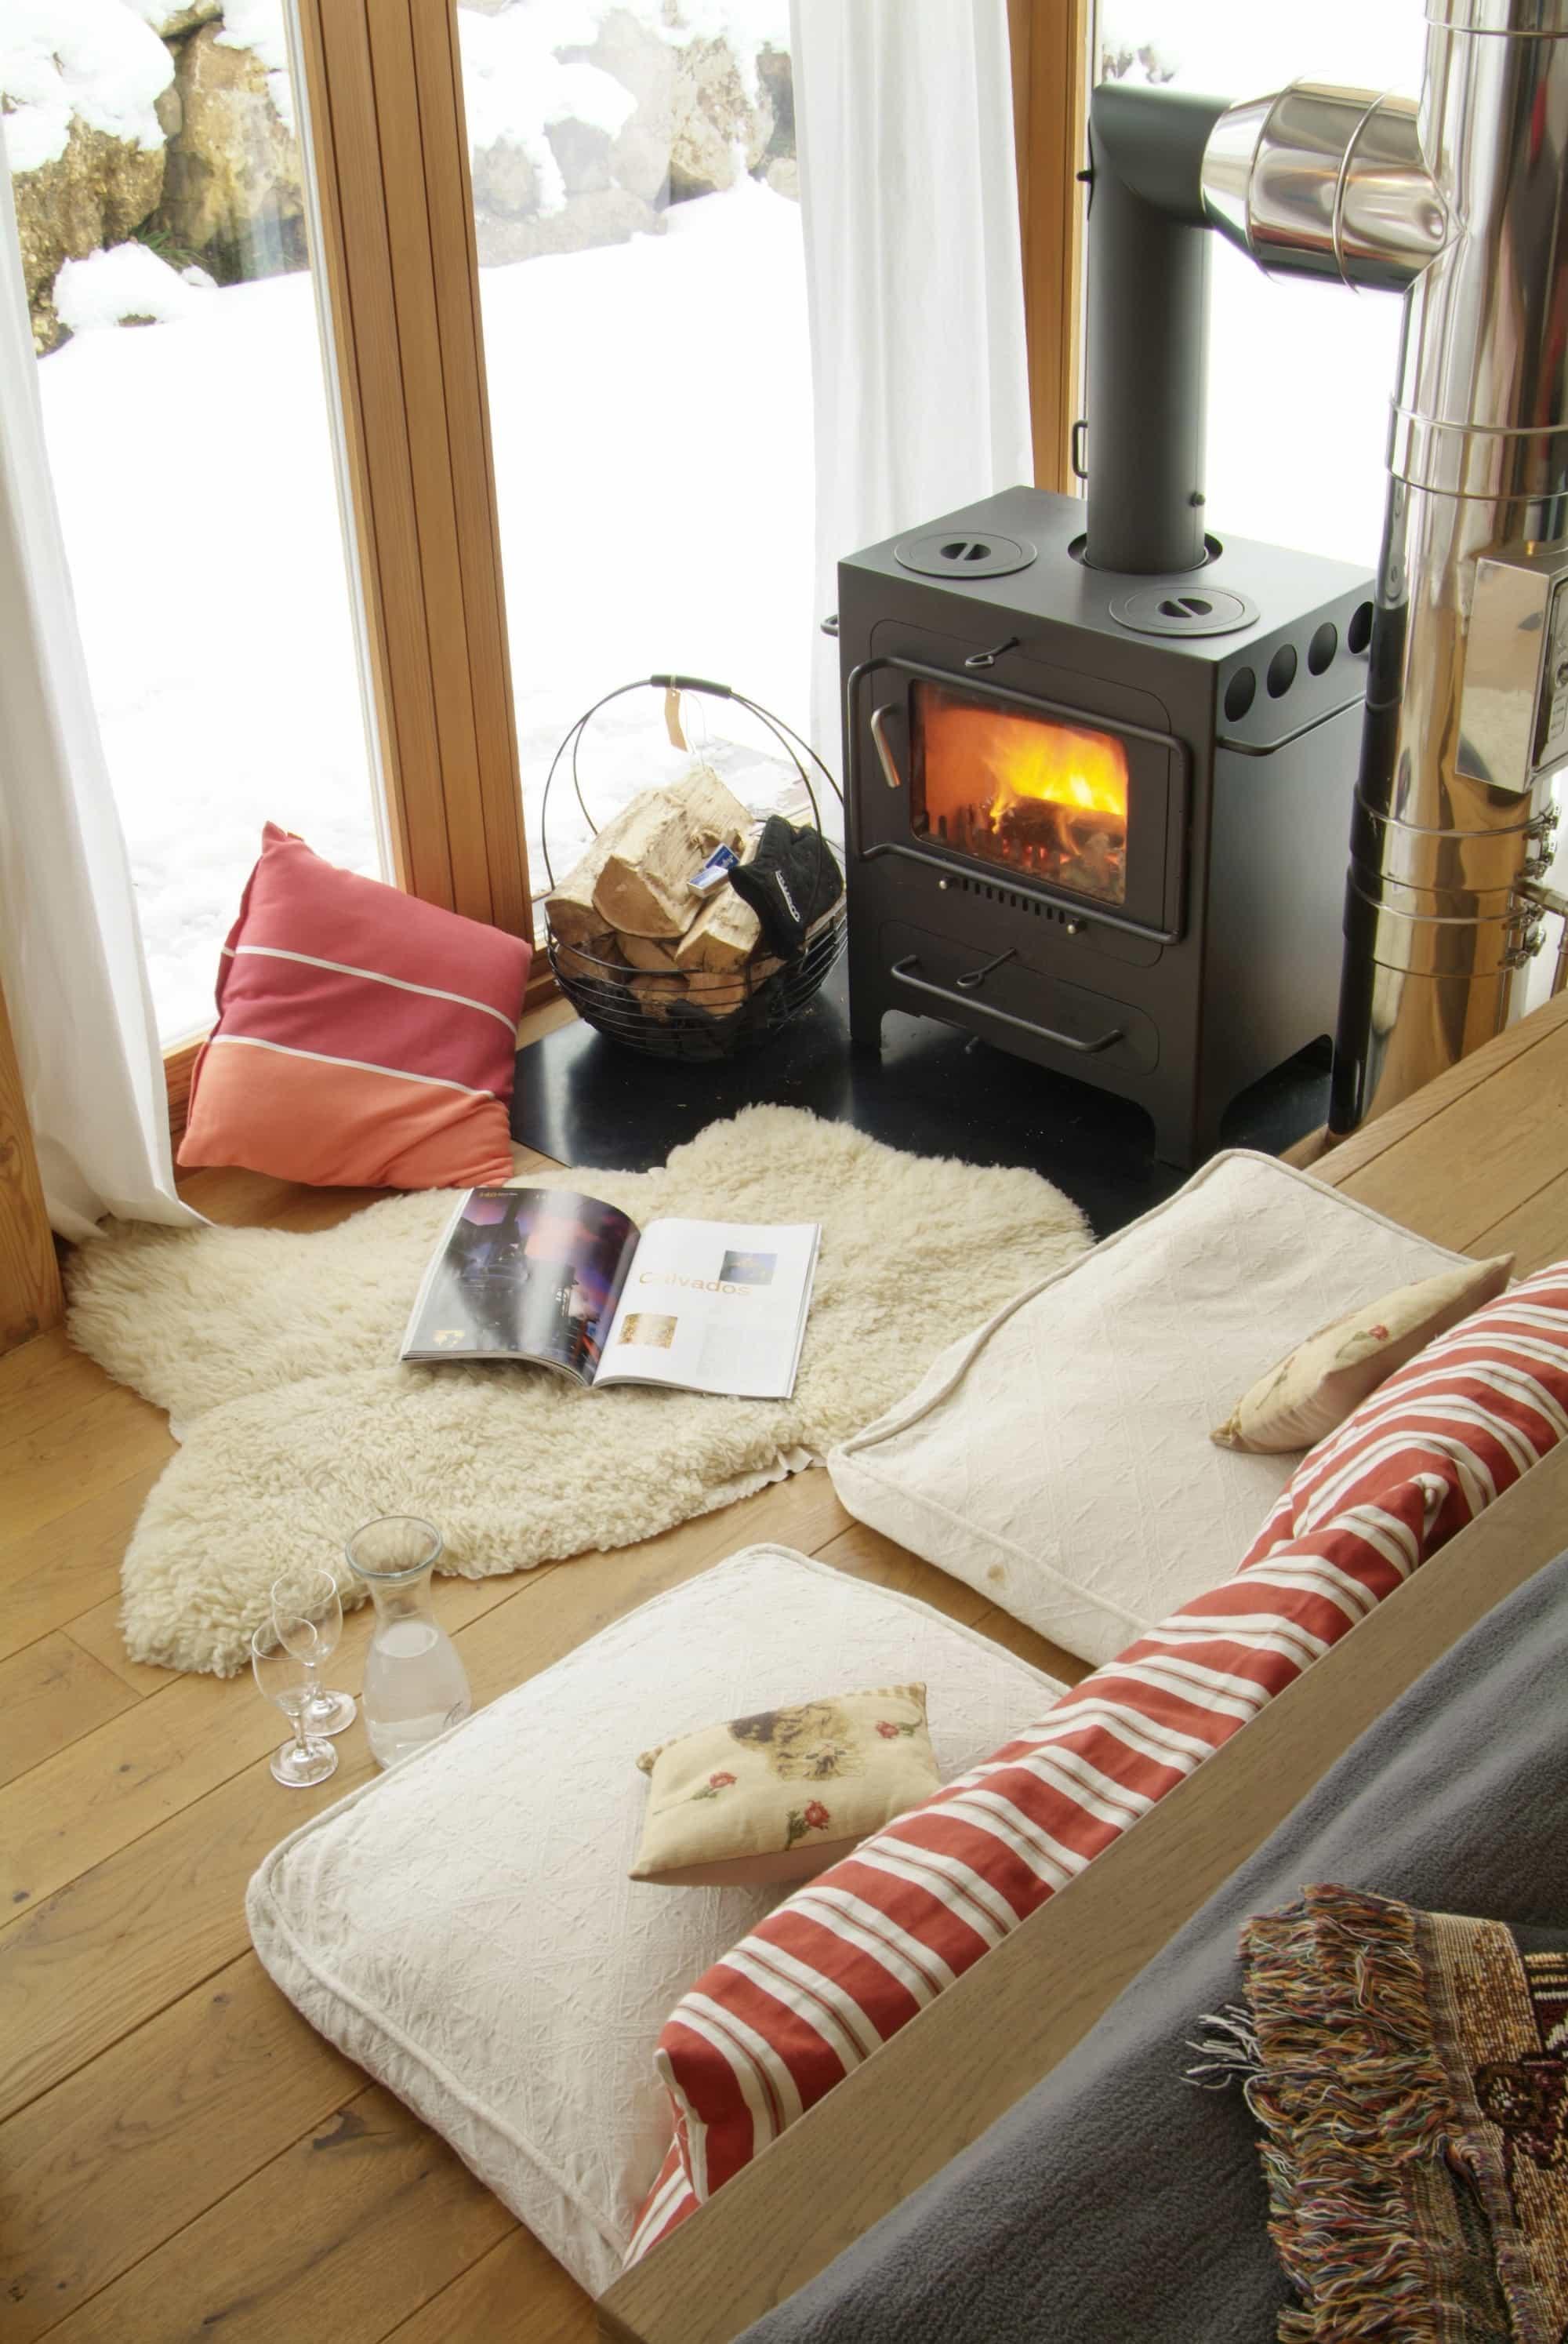 ausflug nach niederbayern ins traum baum oder seehaus. Black Bedroom Furniture Sets. Home Design Ideas